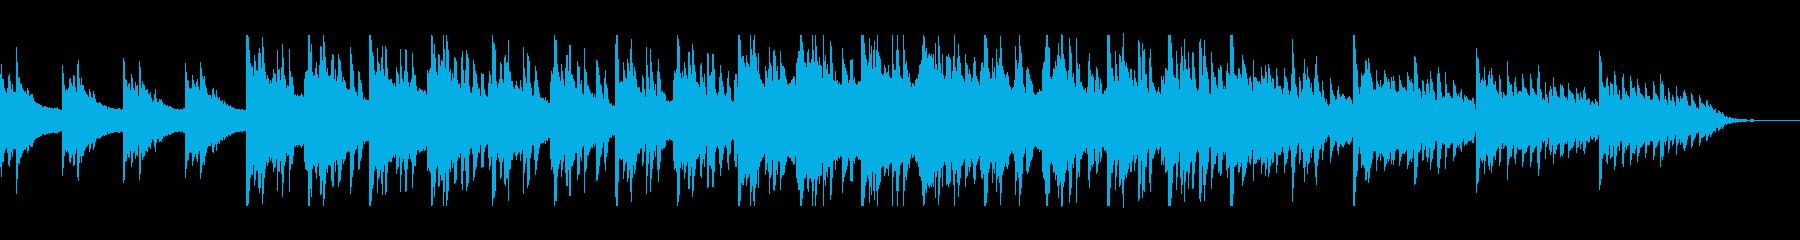 幻想的なピアノのヒーリング曲の再生済みの波形